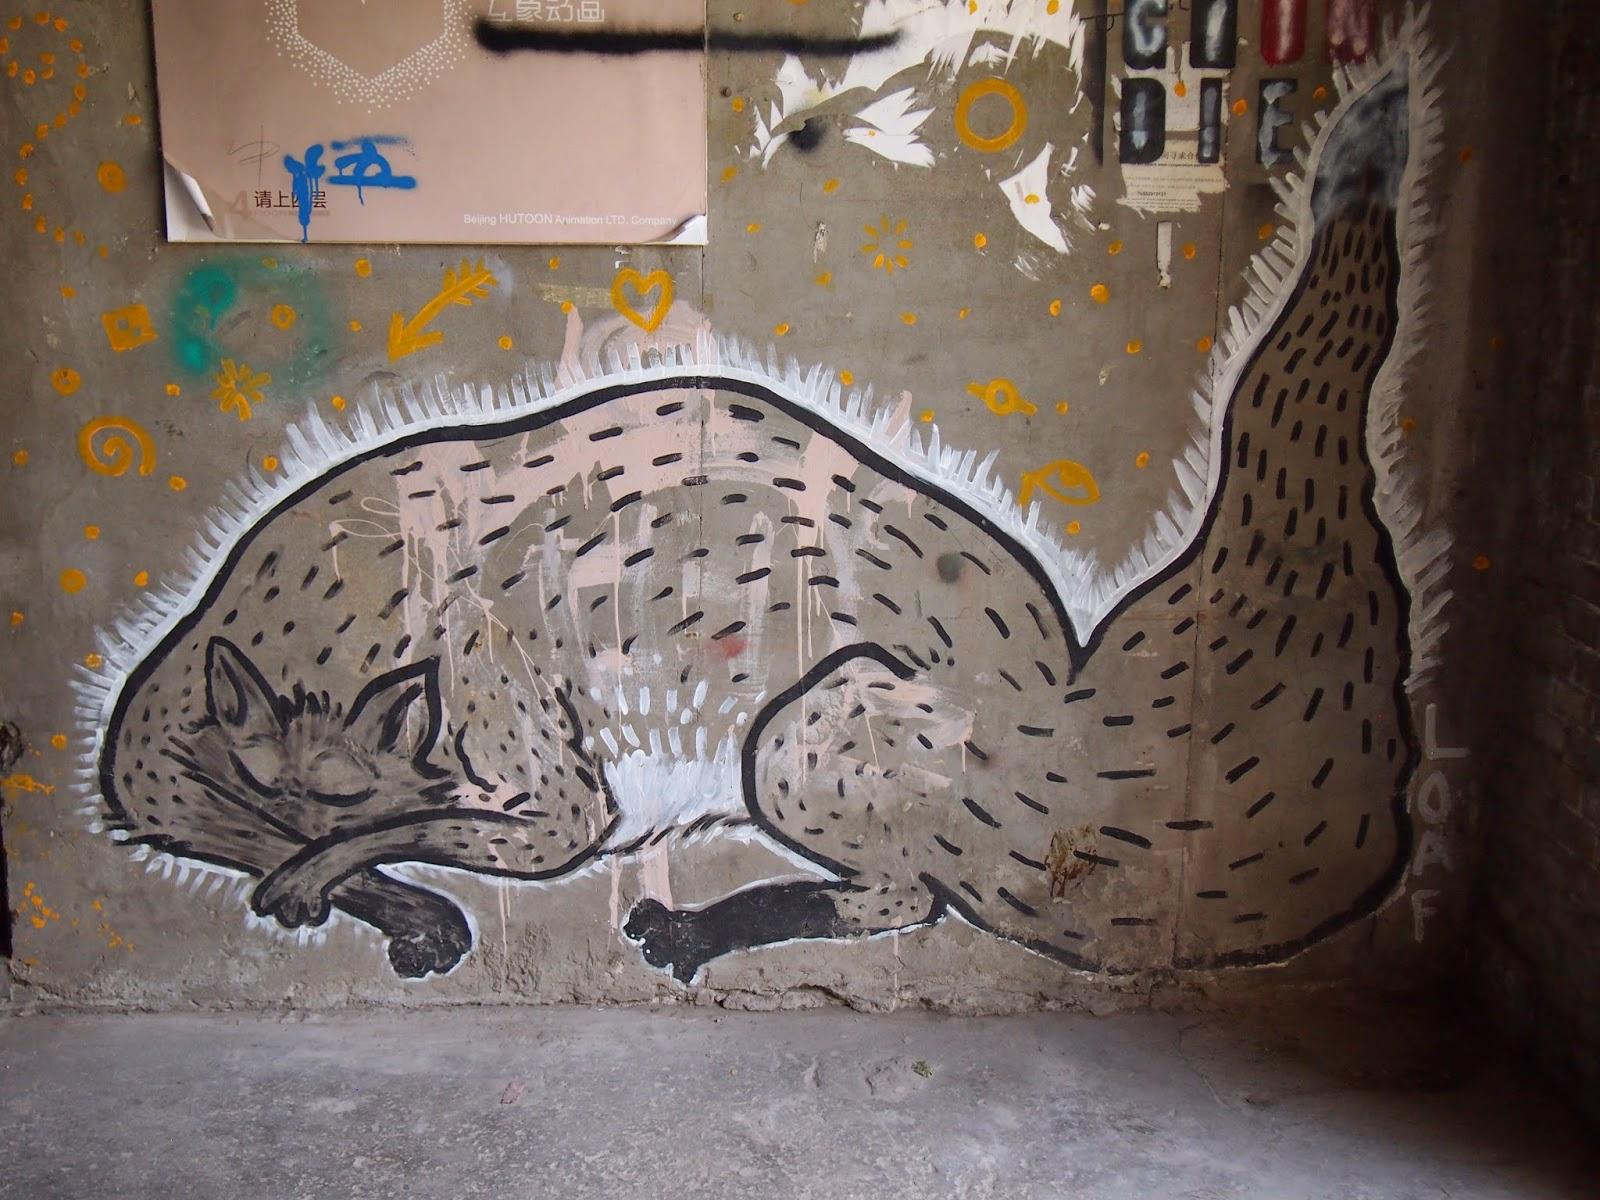 street art in the 798 art district in beijing